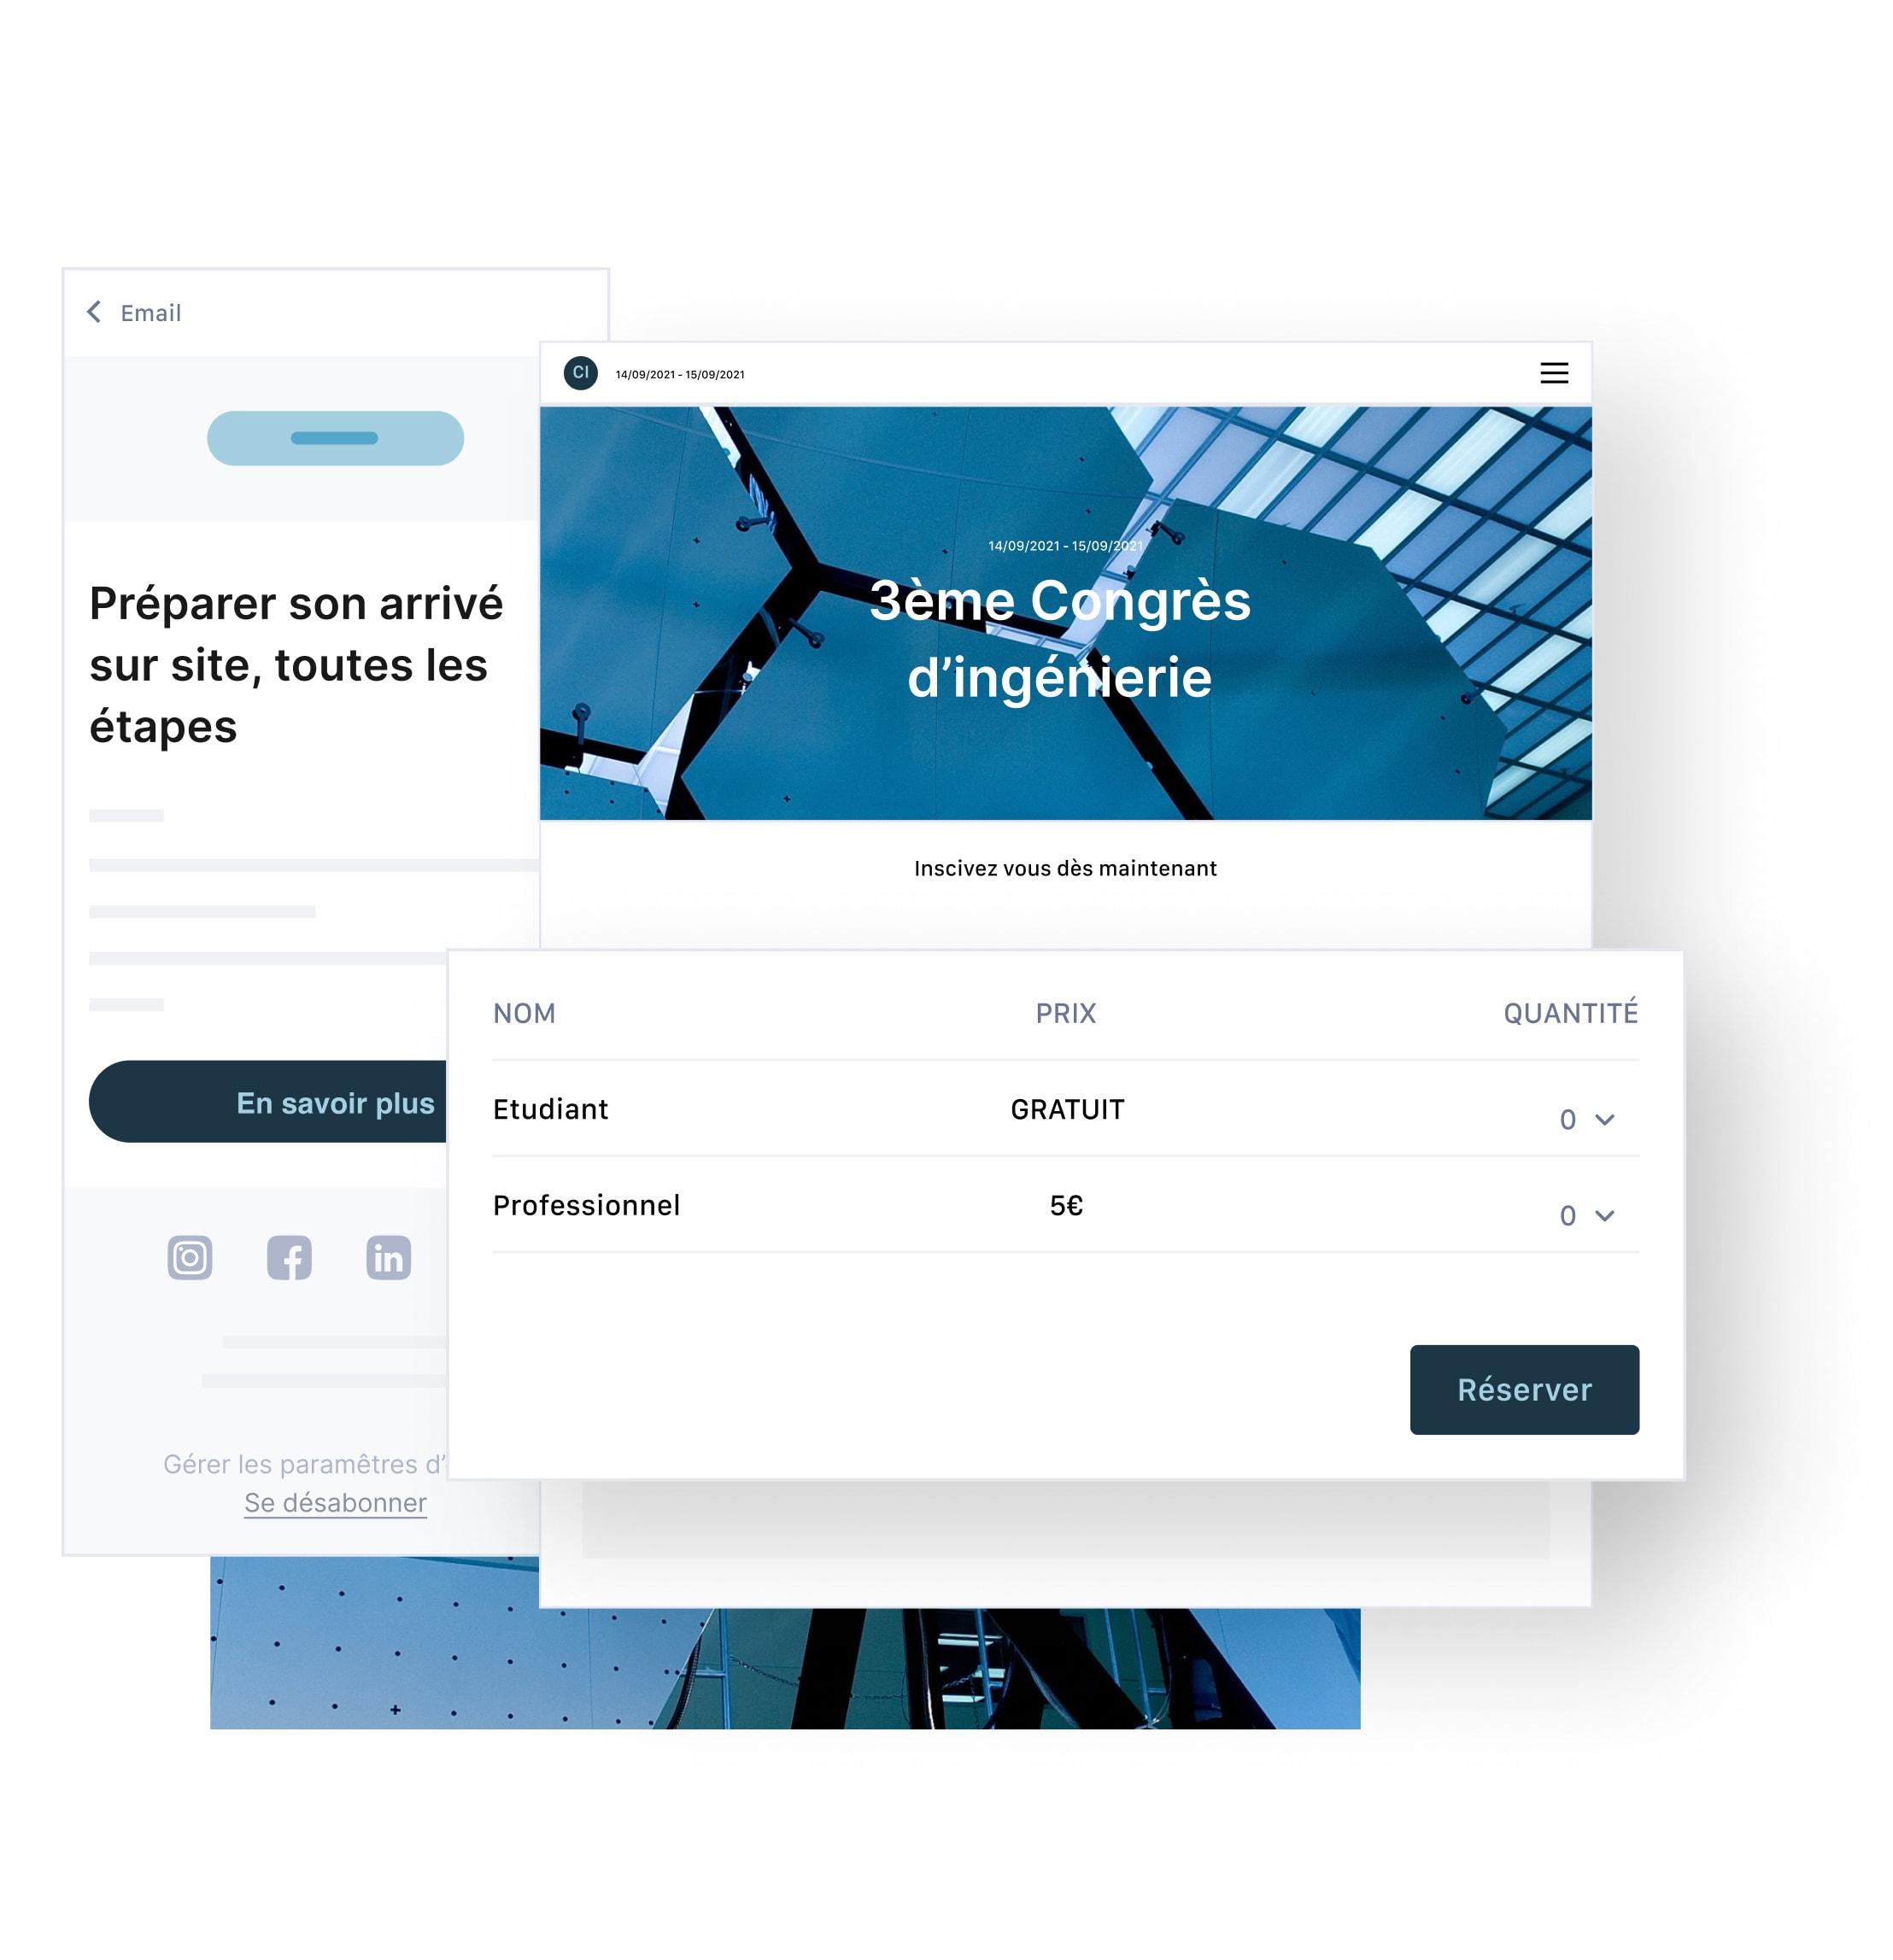 intégration d'un système d'inscription en ligne sur un site web et envoi d'invitations personnalisées